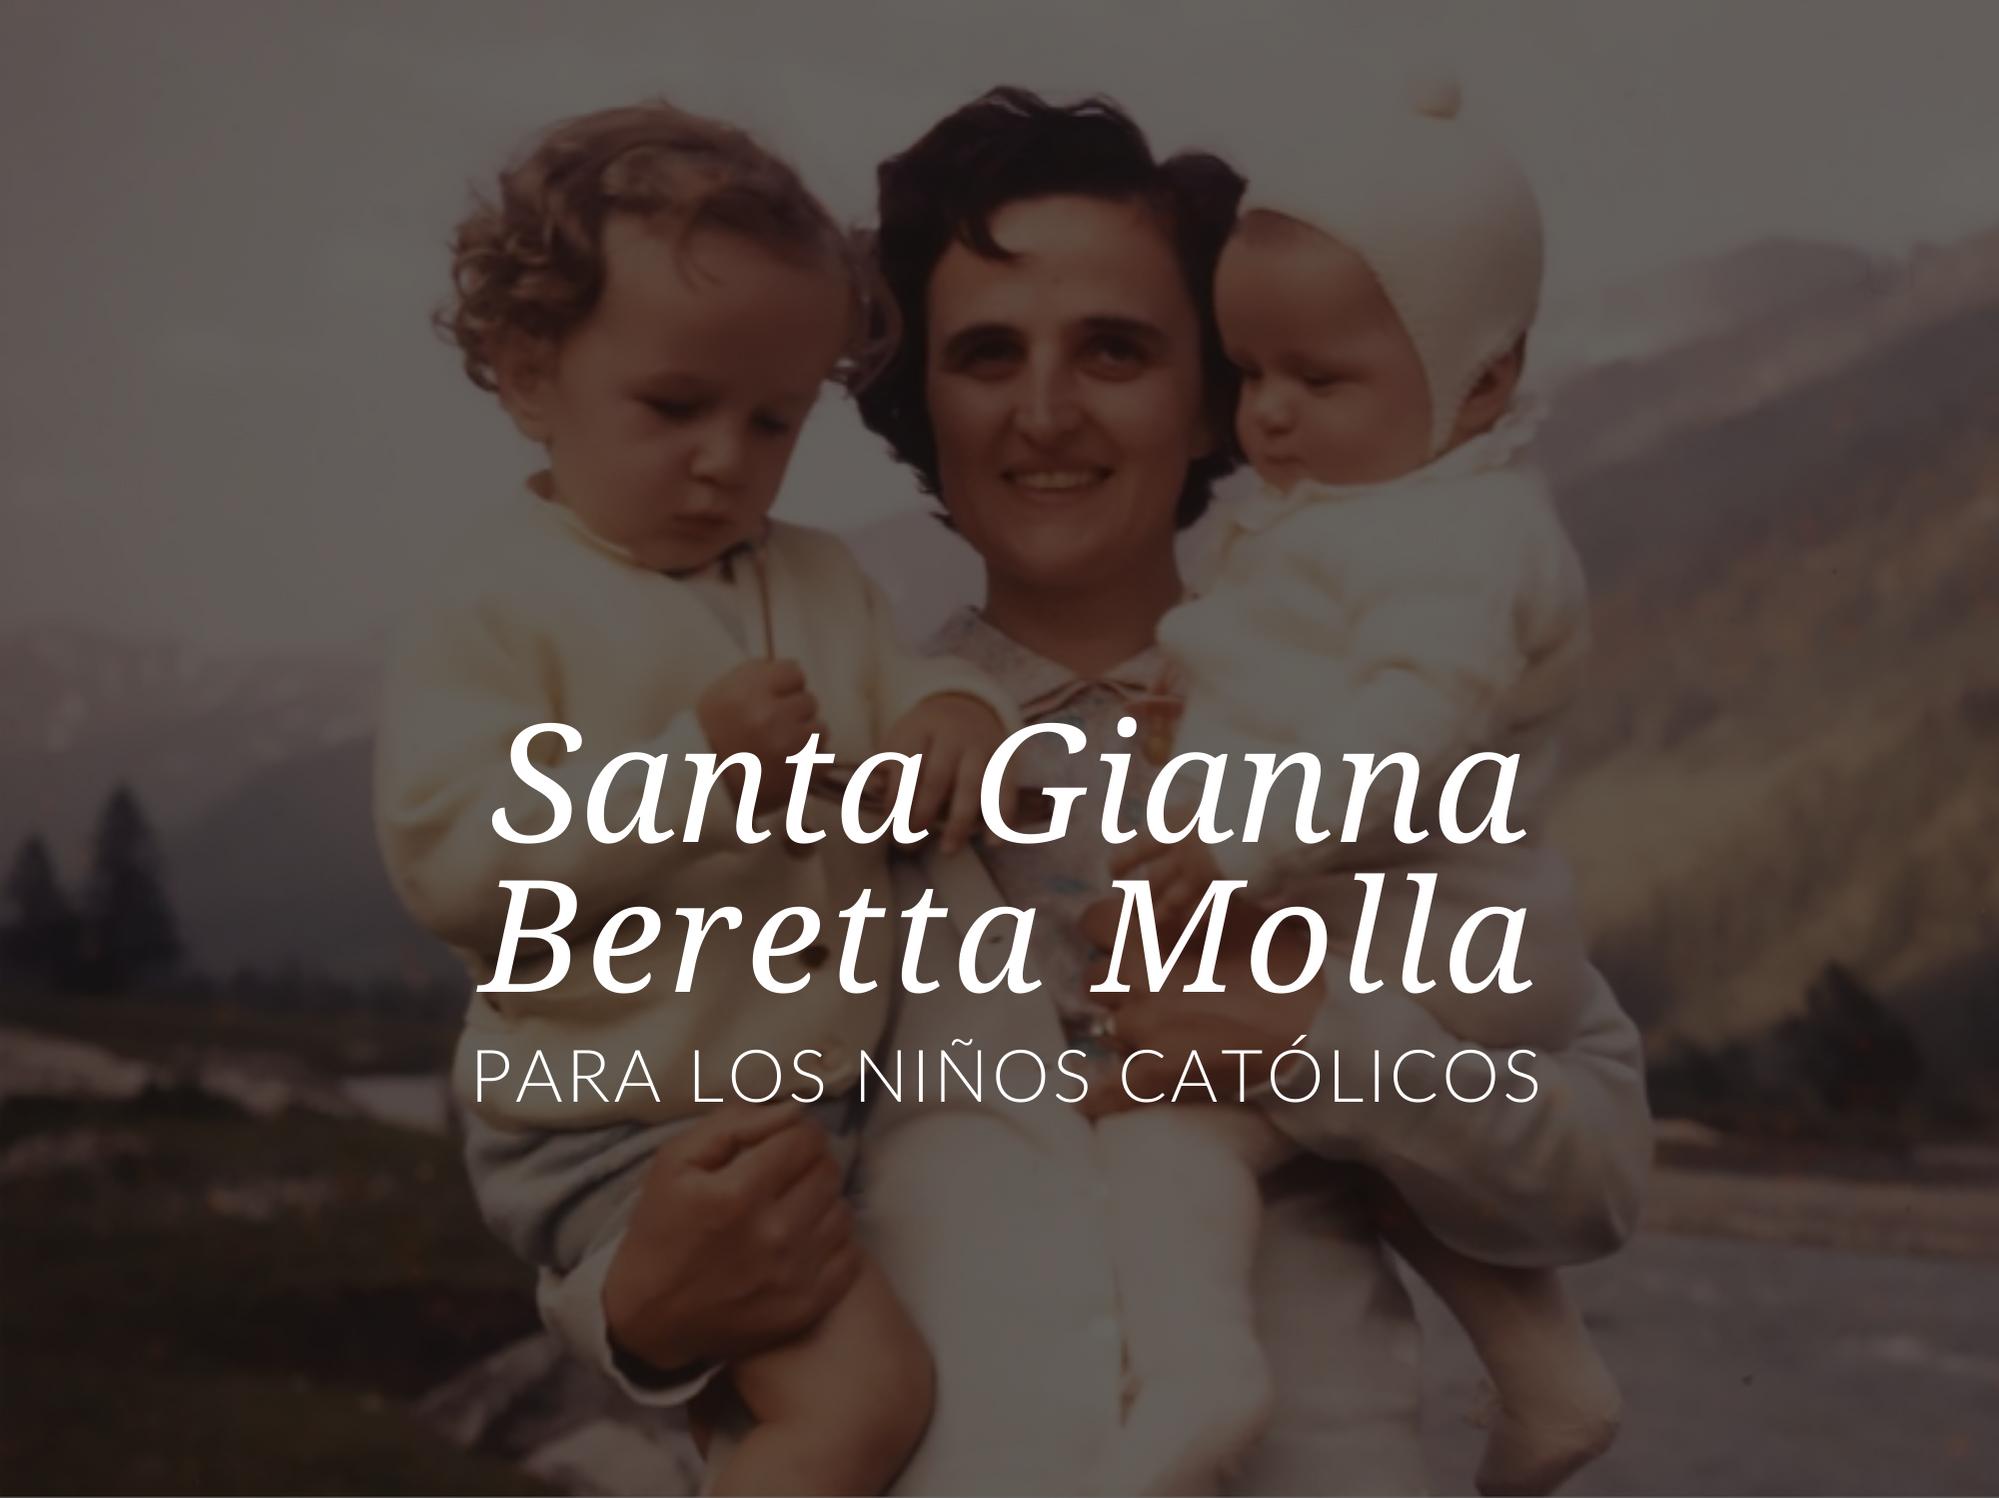 Santos populares para que los niños aprendan y estudien - Santa Gianna Beretta Molla